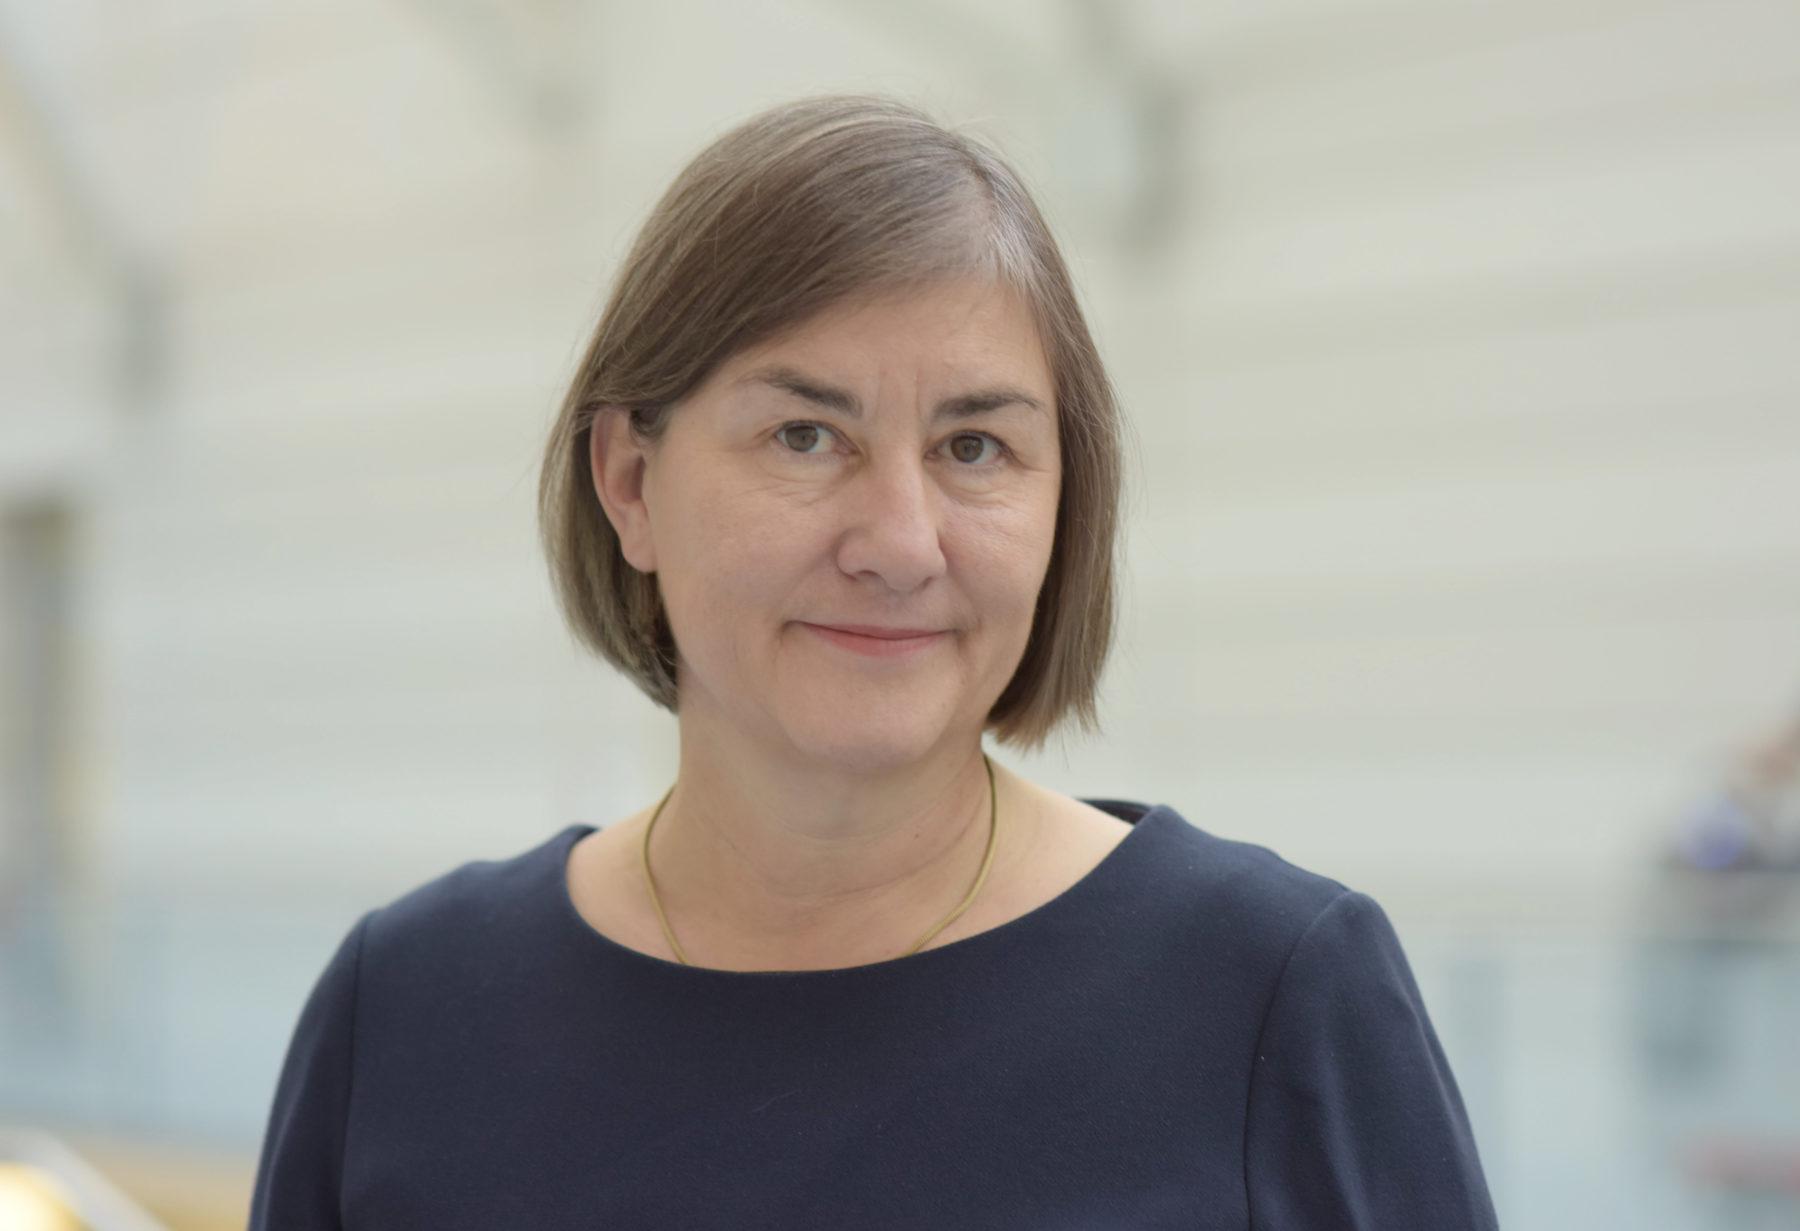 Prof. Dr. Petra Gastmeier, Leiterin des Instituts für Hygiene und Umweltmedizin der Charité Berlin